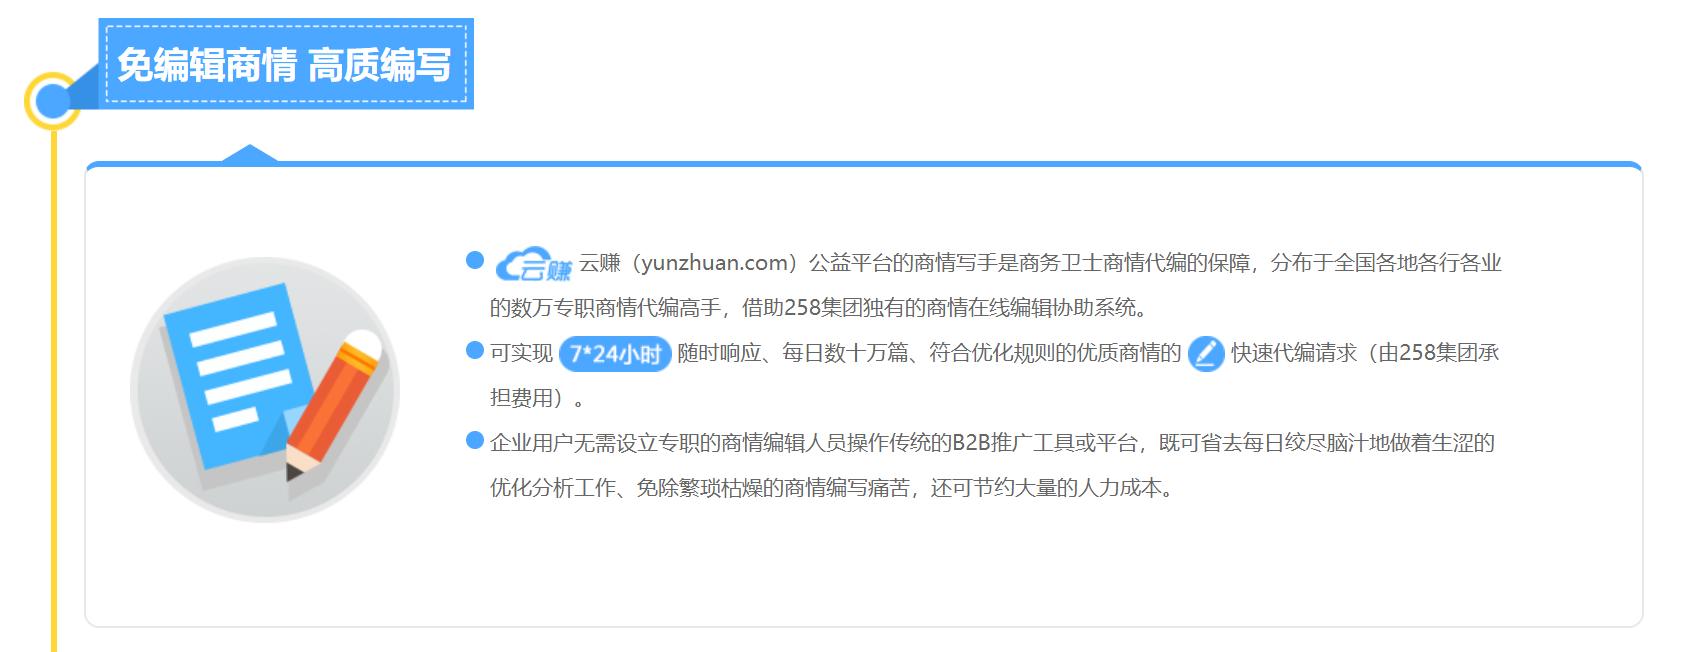 章丘权威的网络推广-济南哪里有提供声誉好的网络营销推广